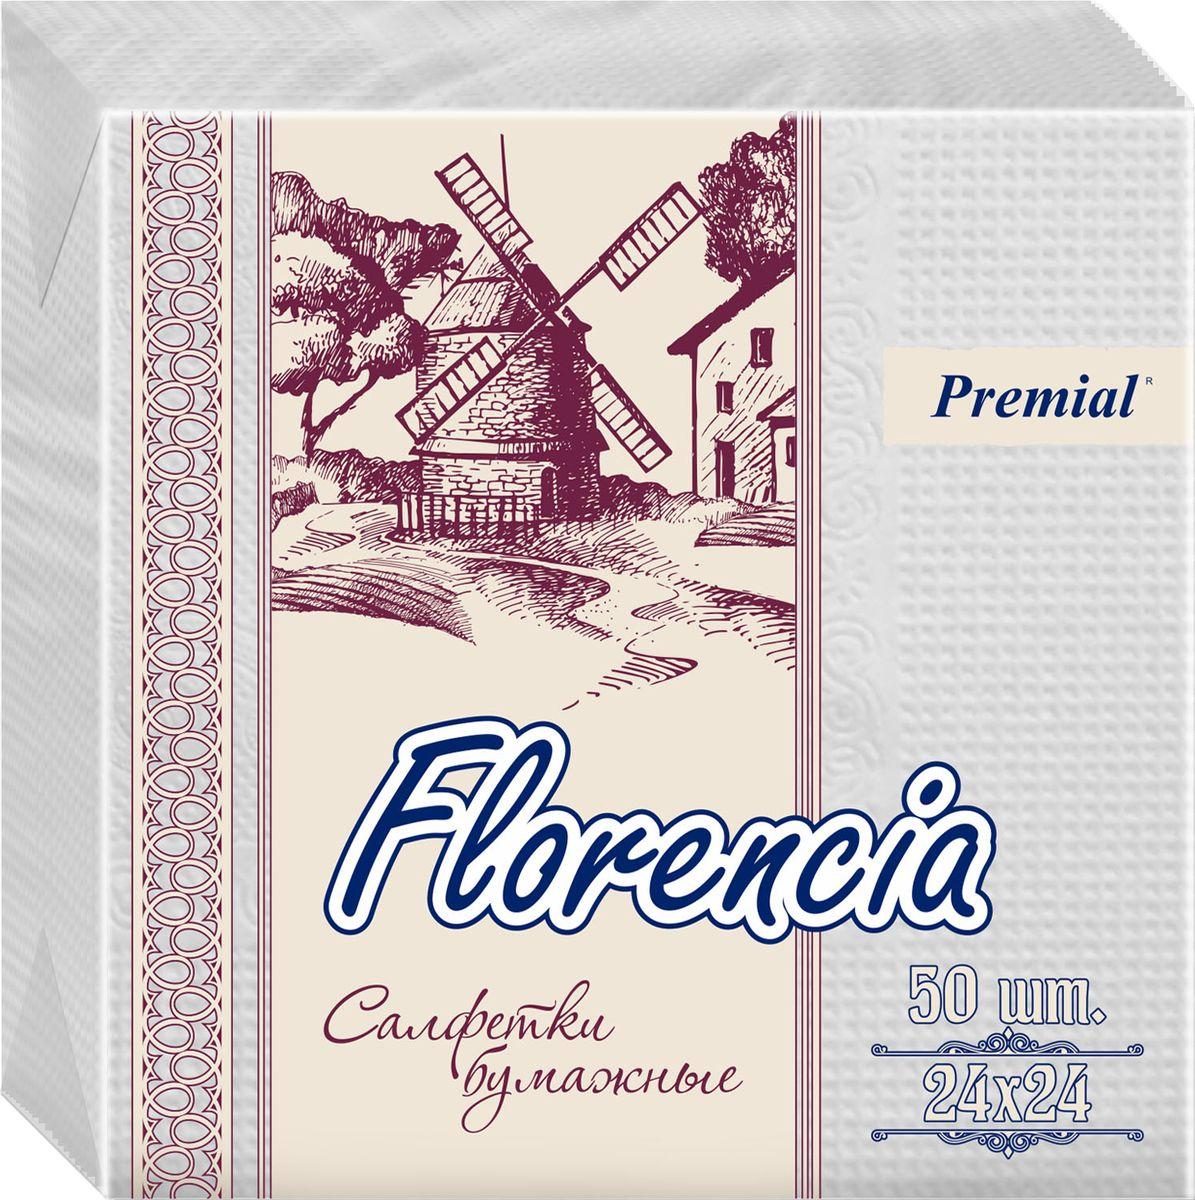 Premial Florencia Салфетки декоративные двухслойные белые, 50 штMFM-3101Основными преимуществами декоративных бумажных салфеток Florencia марки PREMIAL являются:- Высокое качество. Благодаря новейшим разработкам салфетки обладают хорошей впитываемостью и прочностью- Салфетки имеют оригинальную тисненную текстуру, которая придает им особую мягкость и дополнительную привлекательность- Широкий ассортиментный ряд.- Яркий и стильный дизайн упаковки, привлекающий взгляд